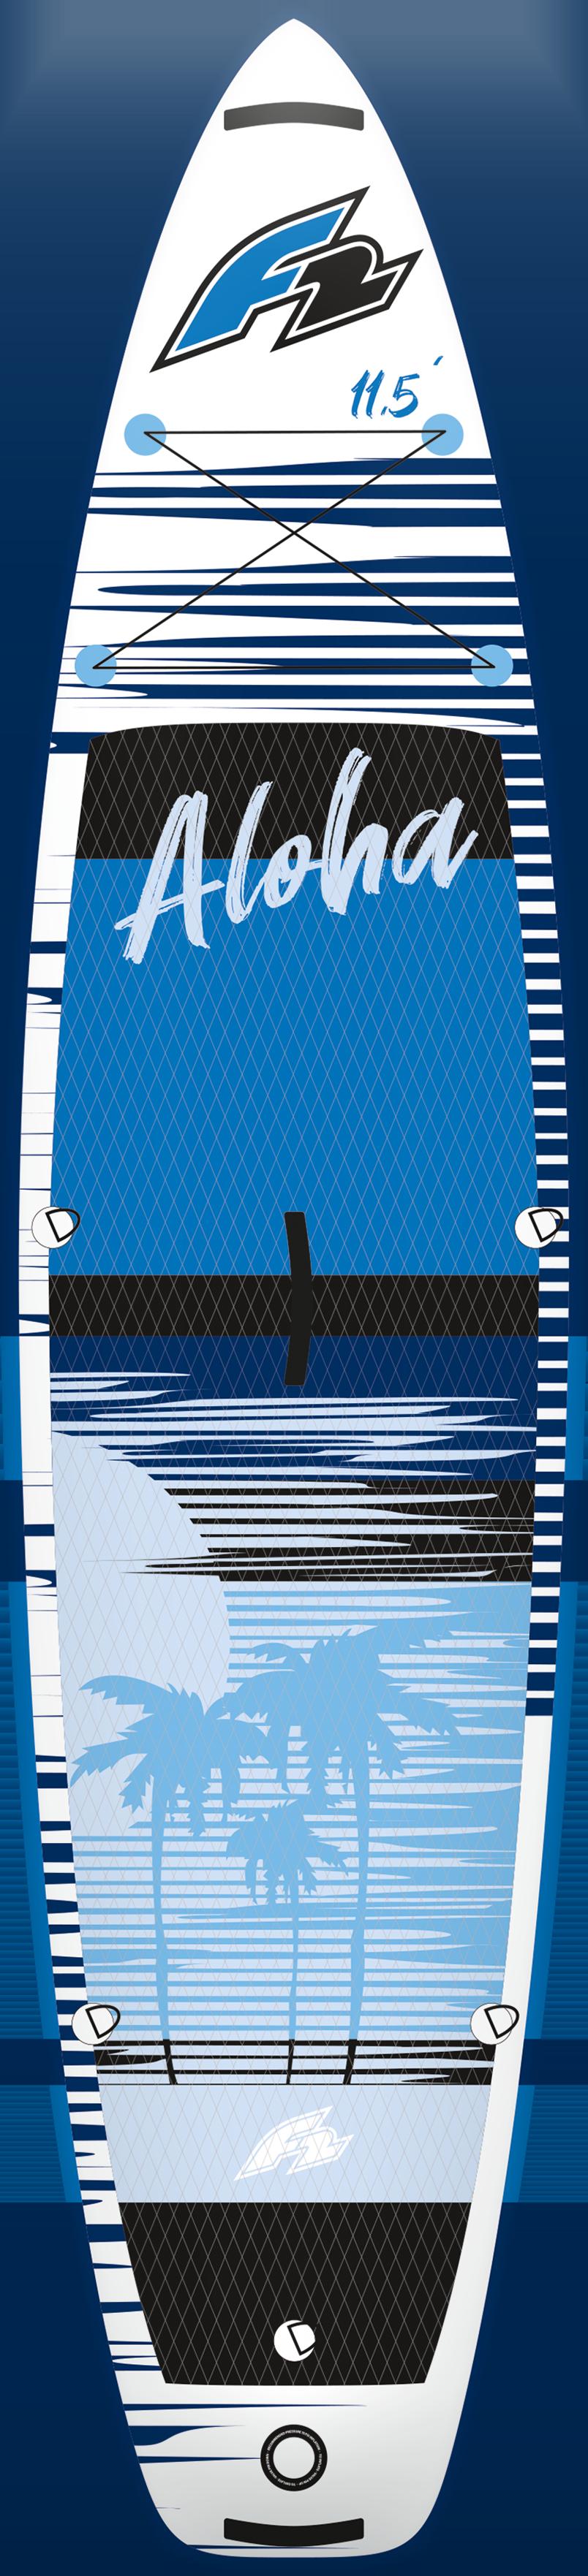 ALOHA BLUE - Top